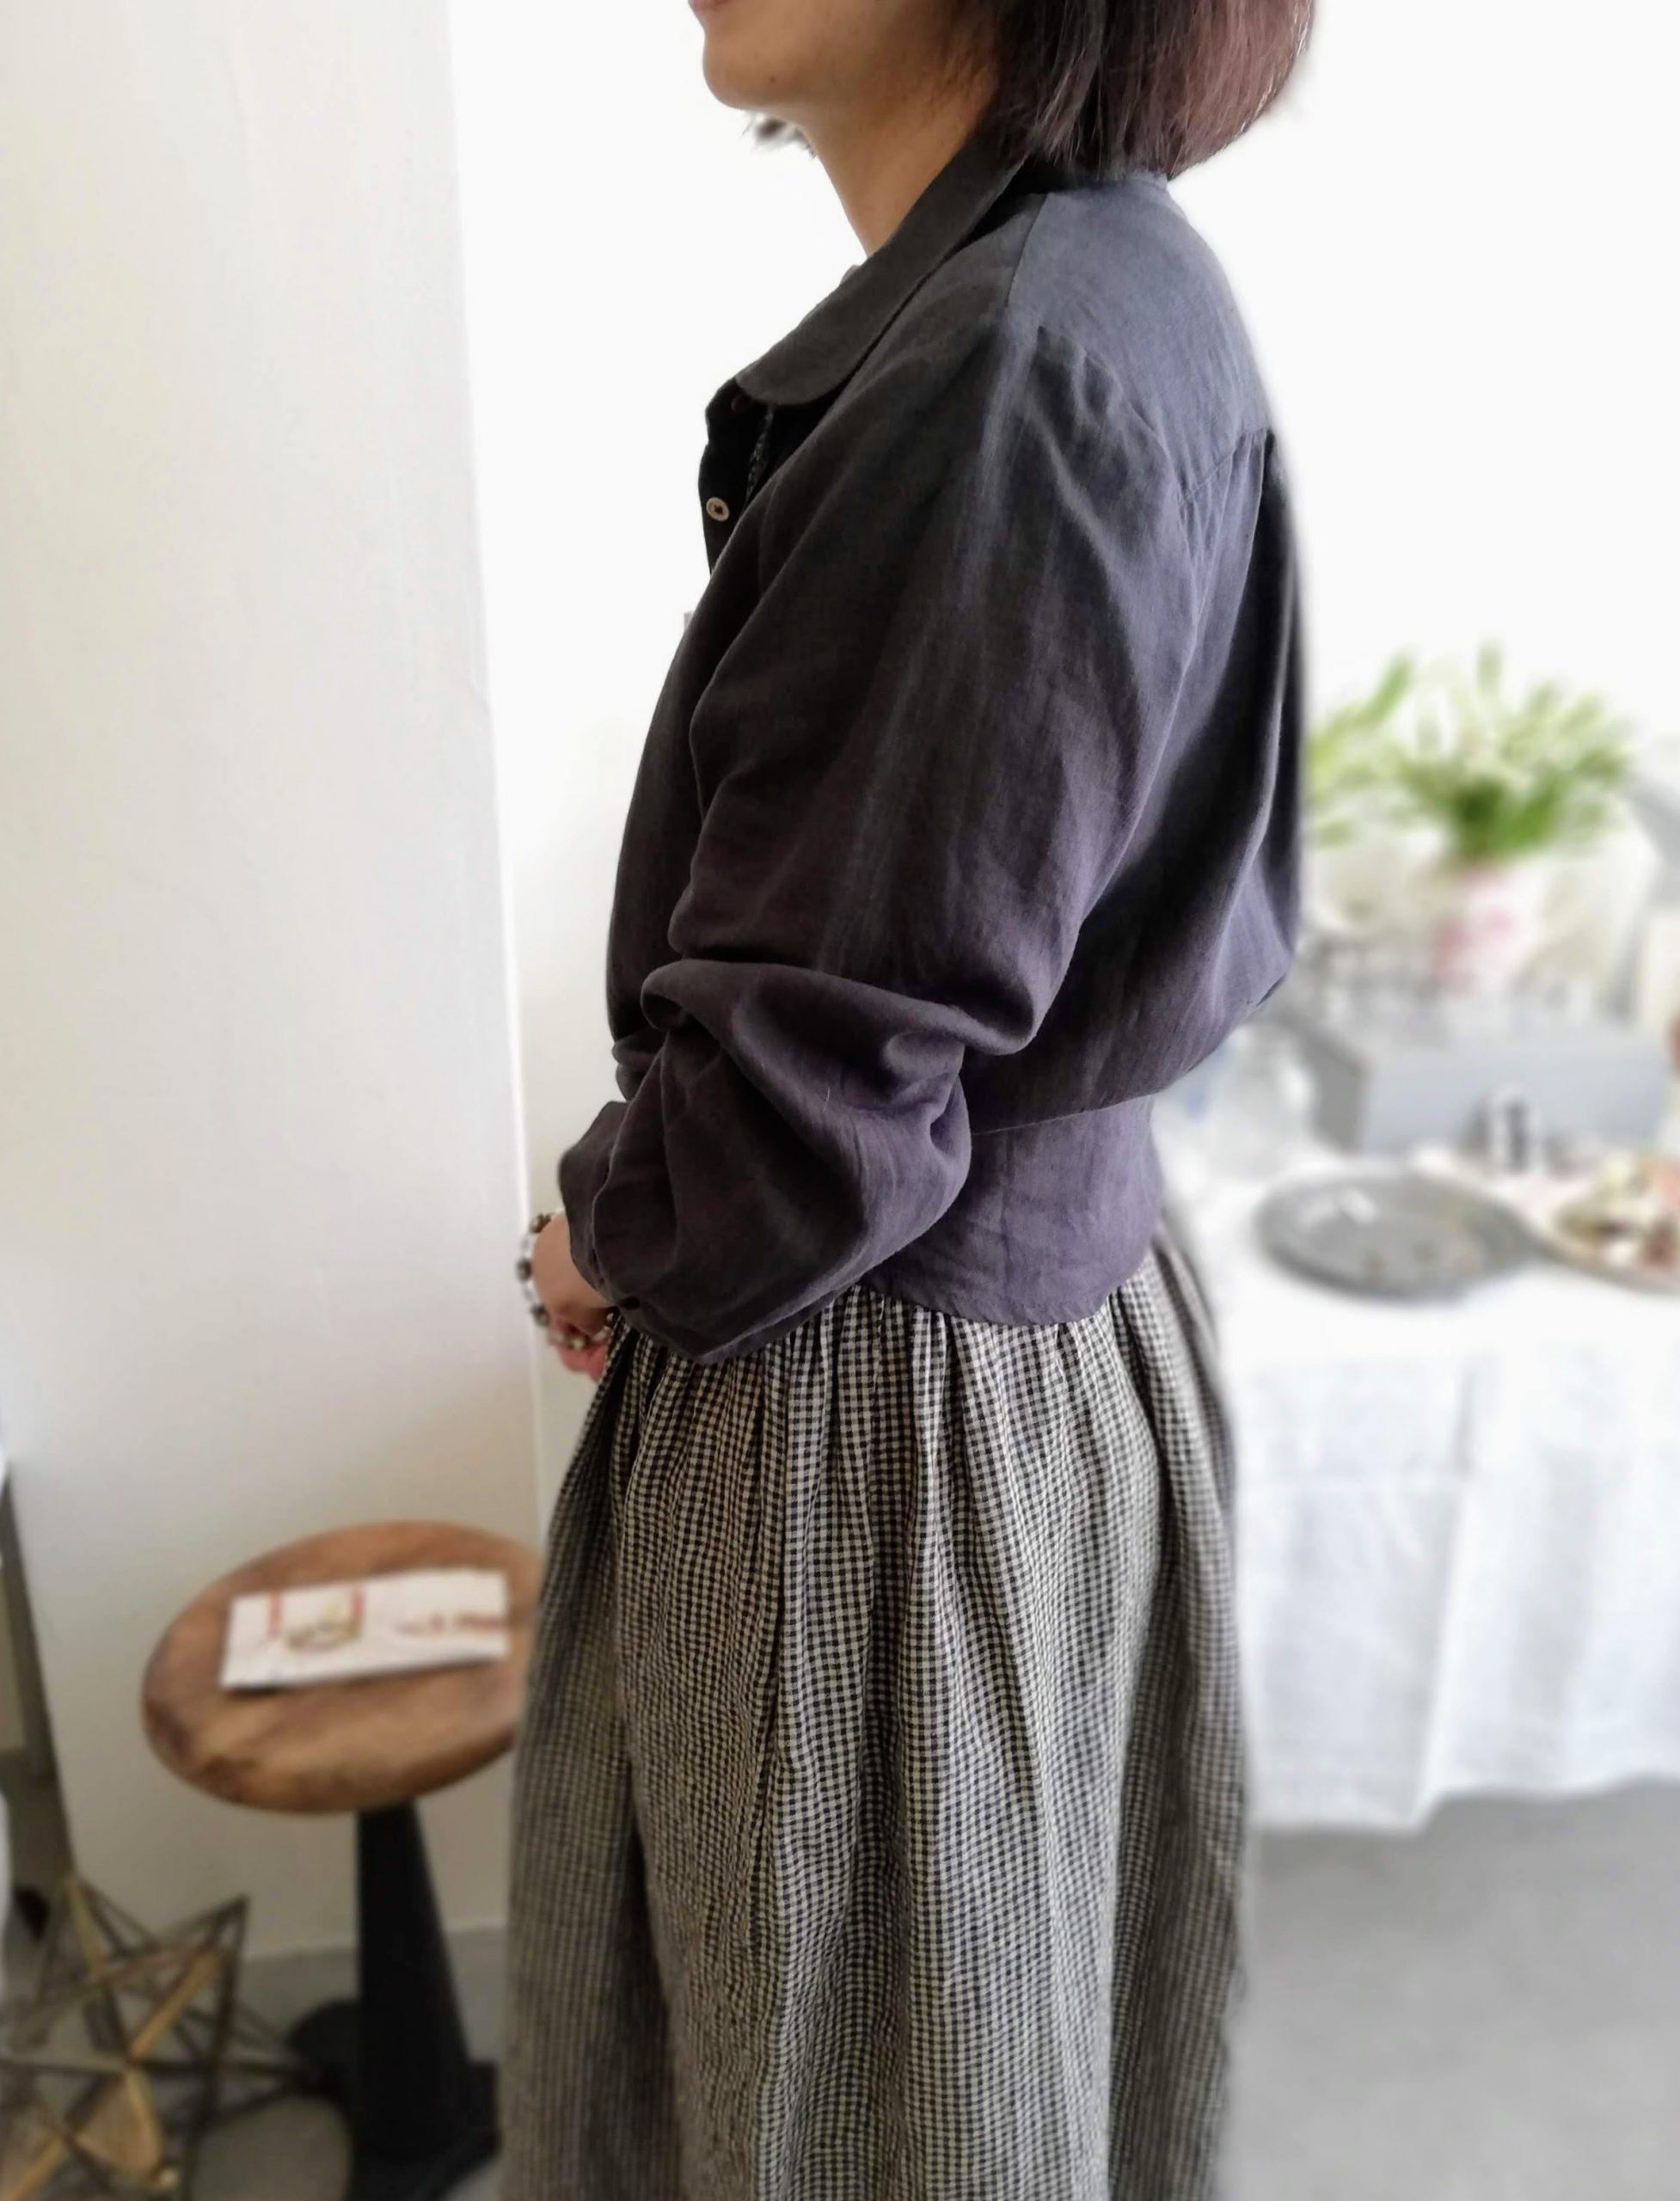 リネンワイドパンツの丈は? リネンブラウスは、こんな着こなしも。